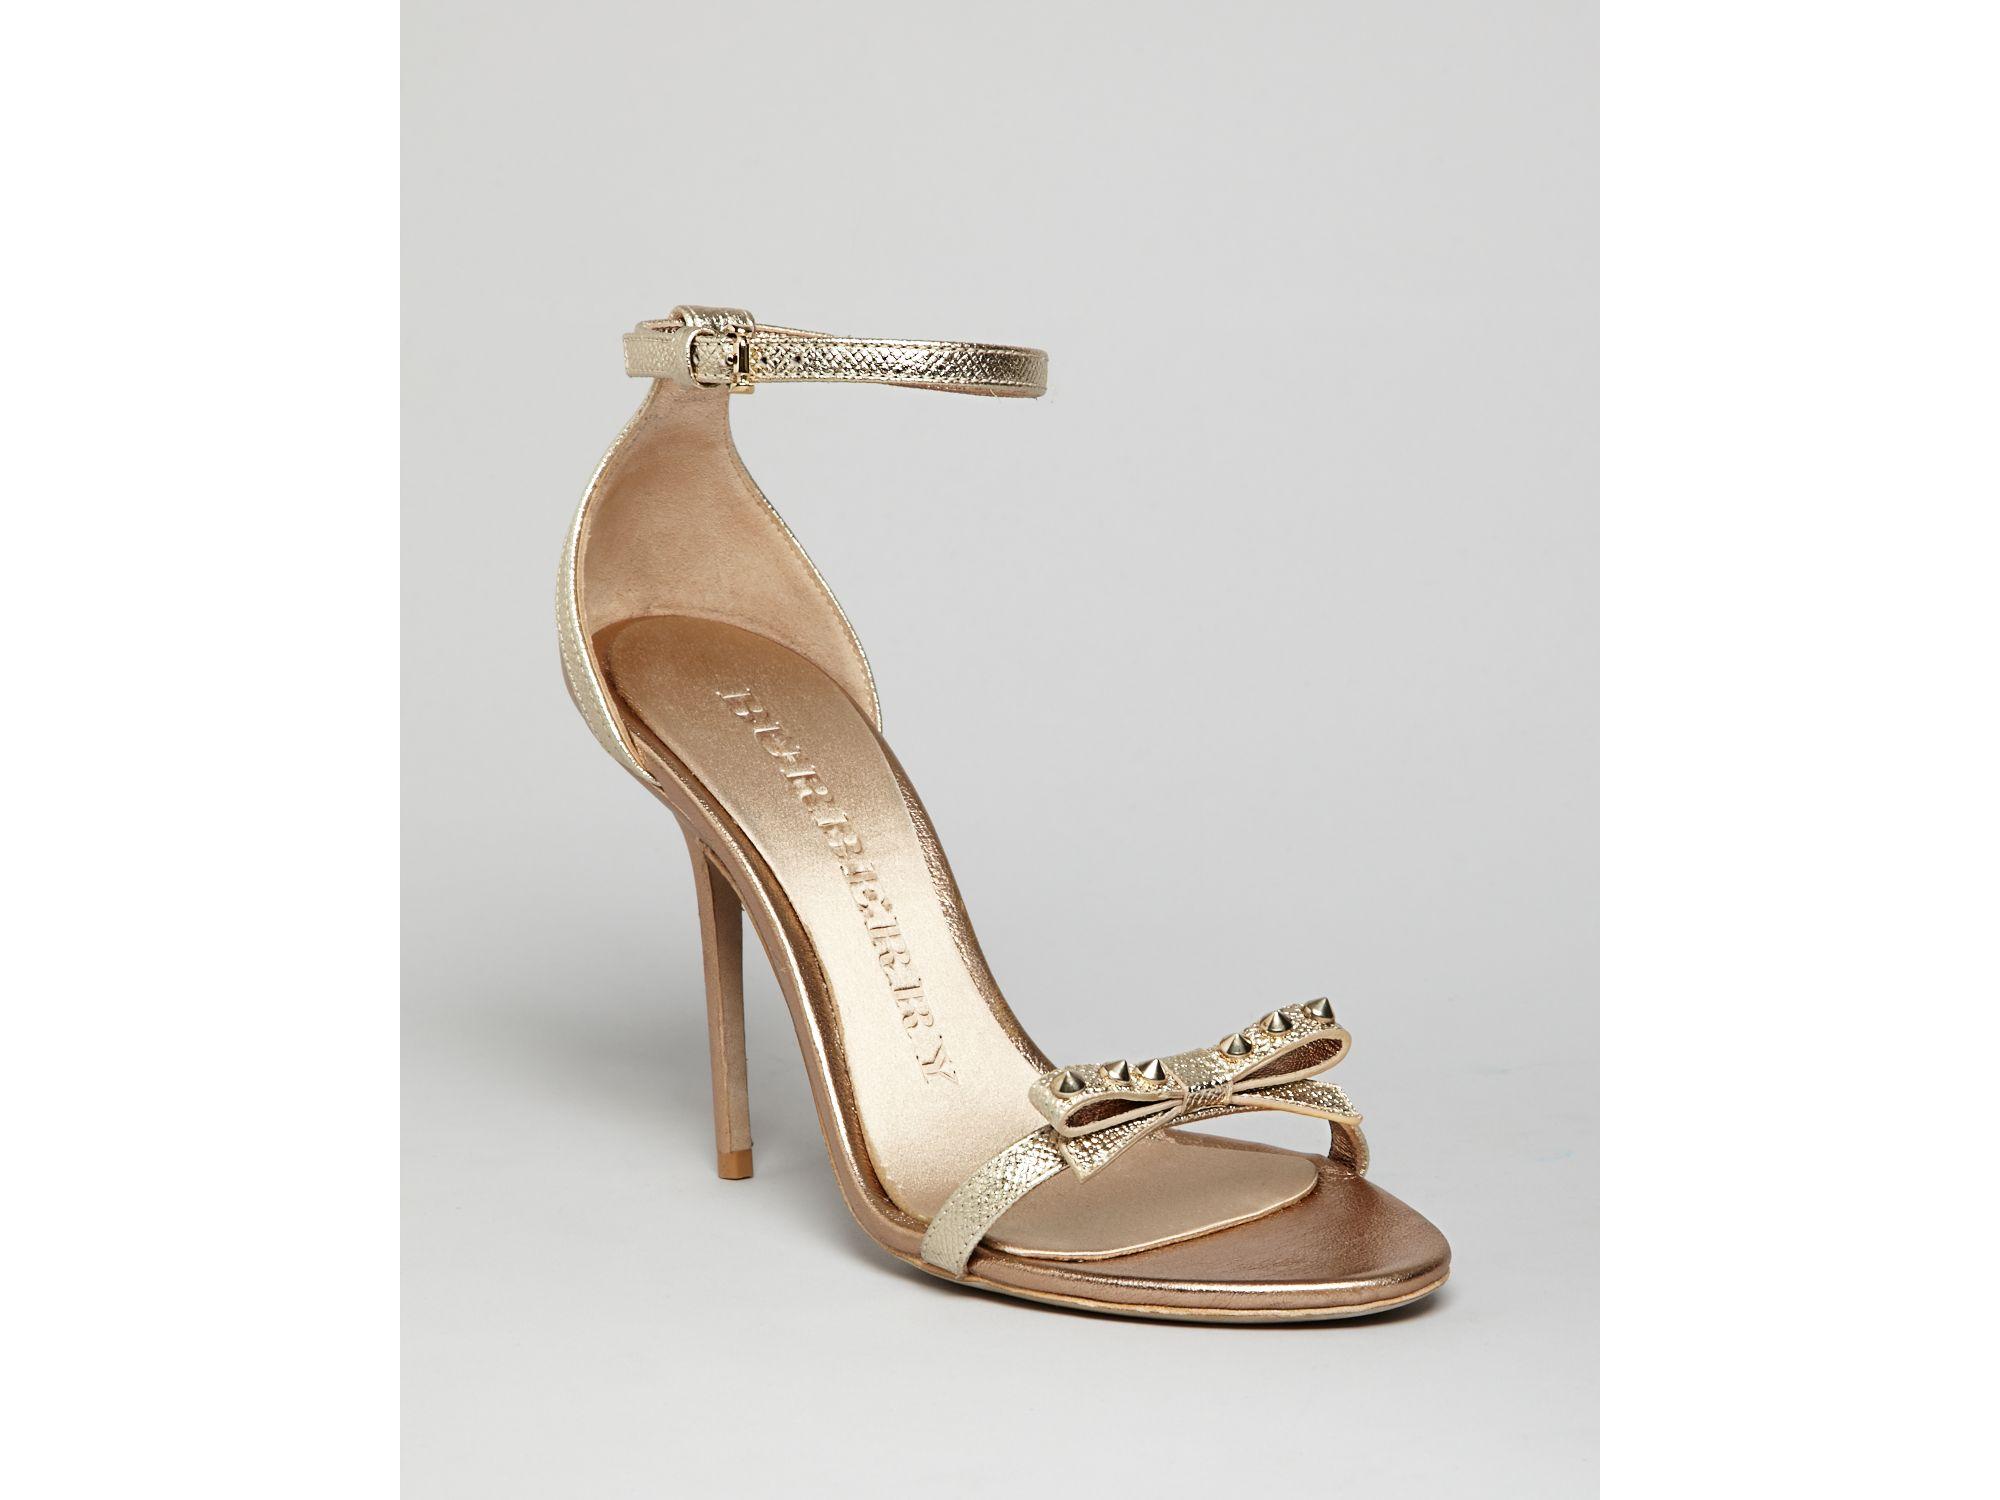 burberry sandals willenmore high heel in gold metallic